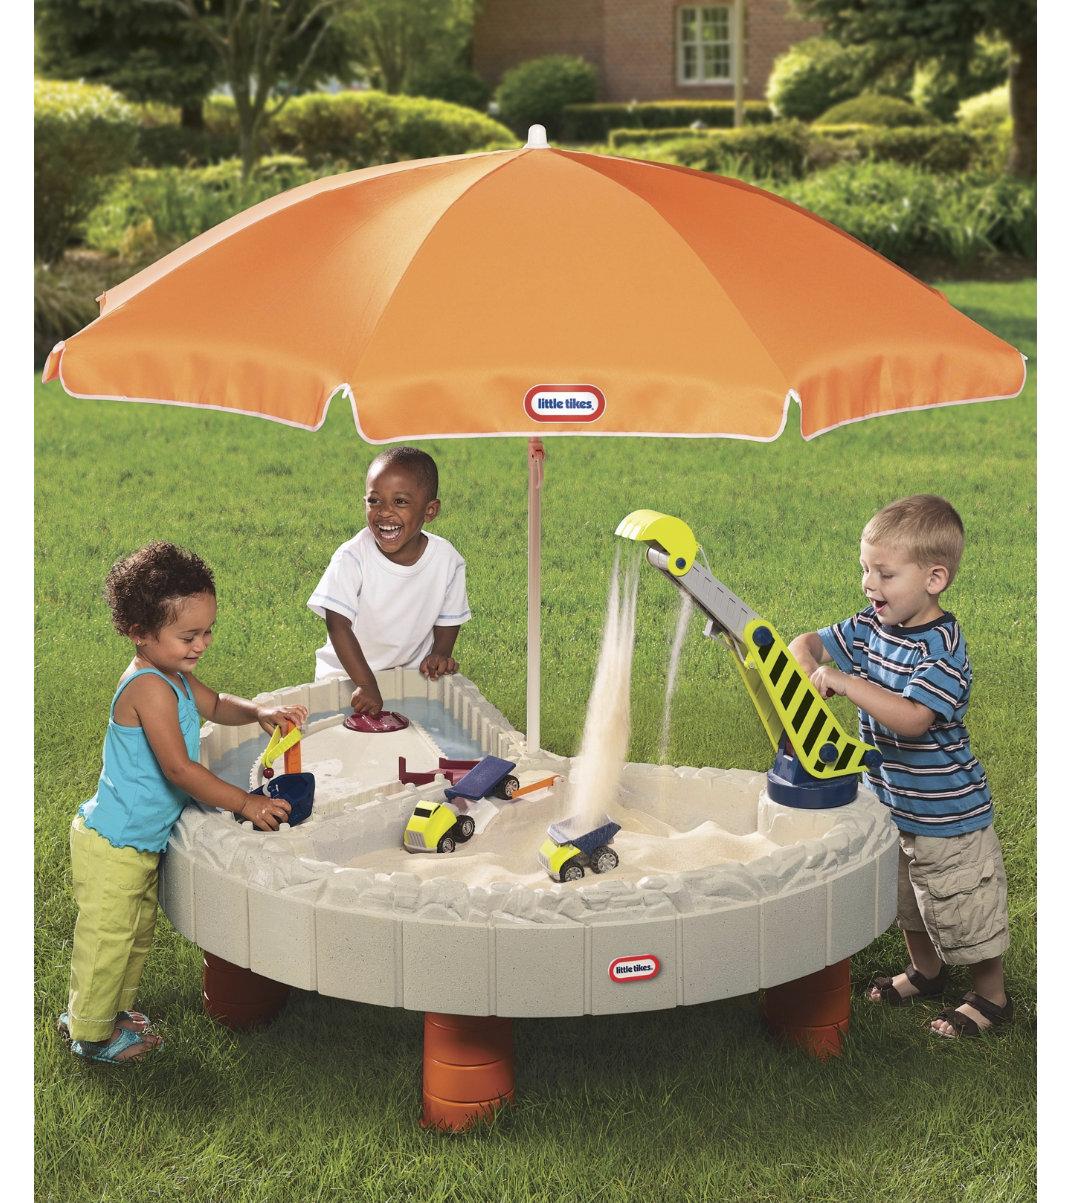 Стол-песочница с зоной для воды и зонтомДетские песочницы<br>Большой игровой набор Стол-песочница с зонтом станет незабываемым подарком для любого ребенка. Это отличная игрушка для веселой игры на воздухе в весенне-летний период. <br>Большой зонт защитит детей от солнца.<br>